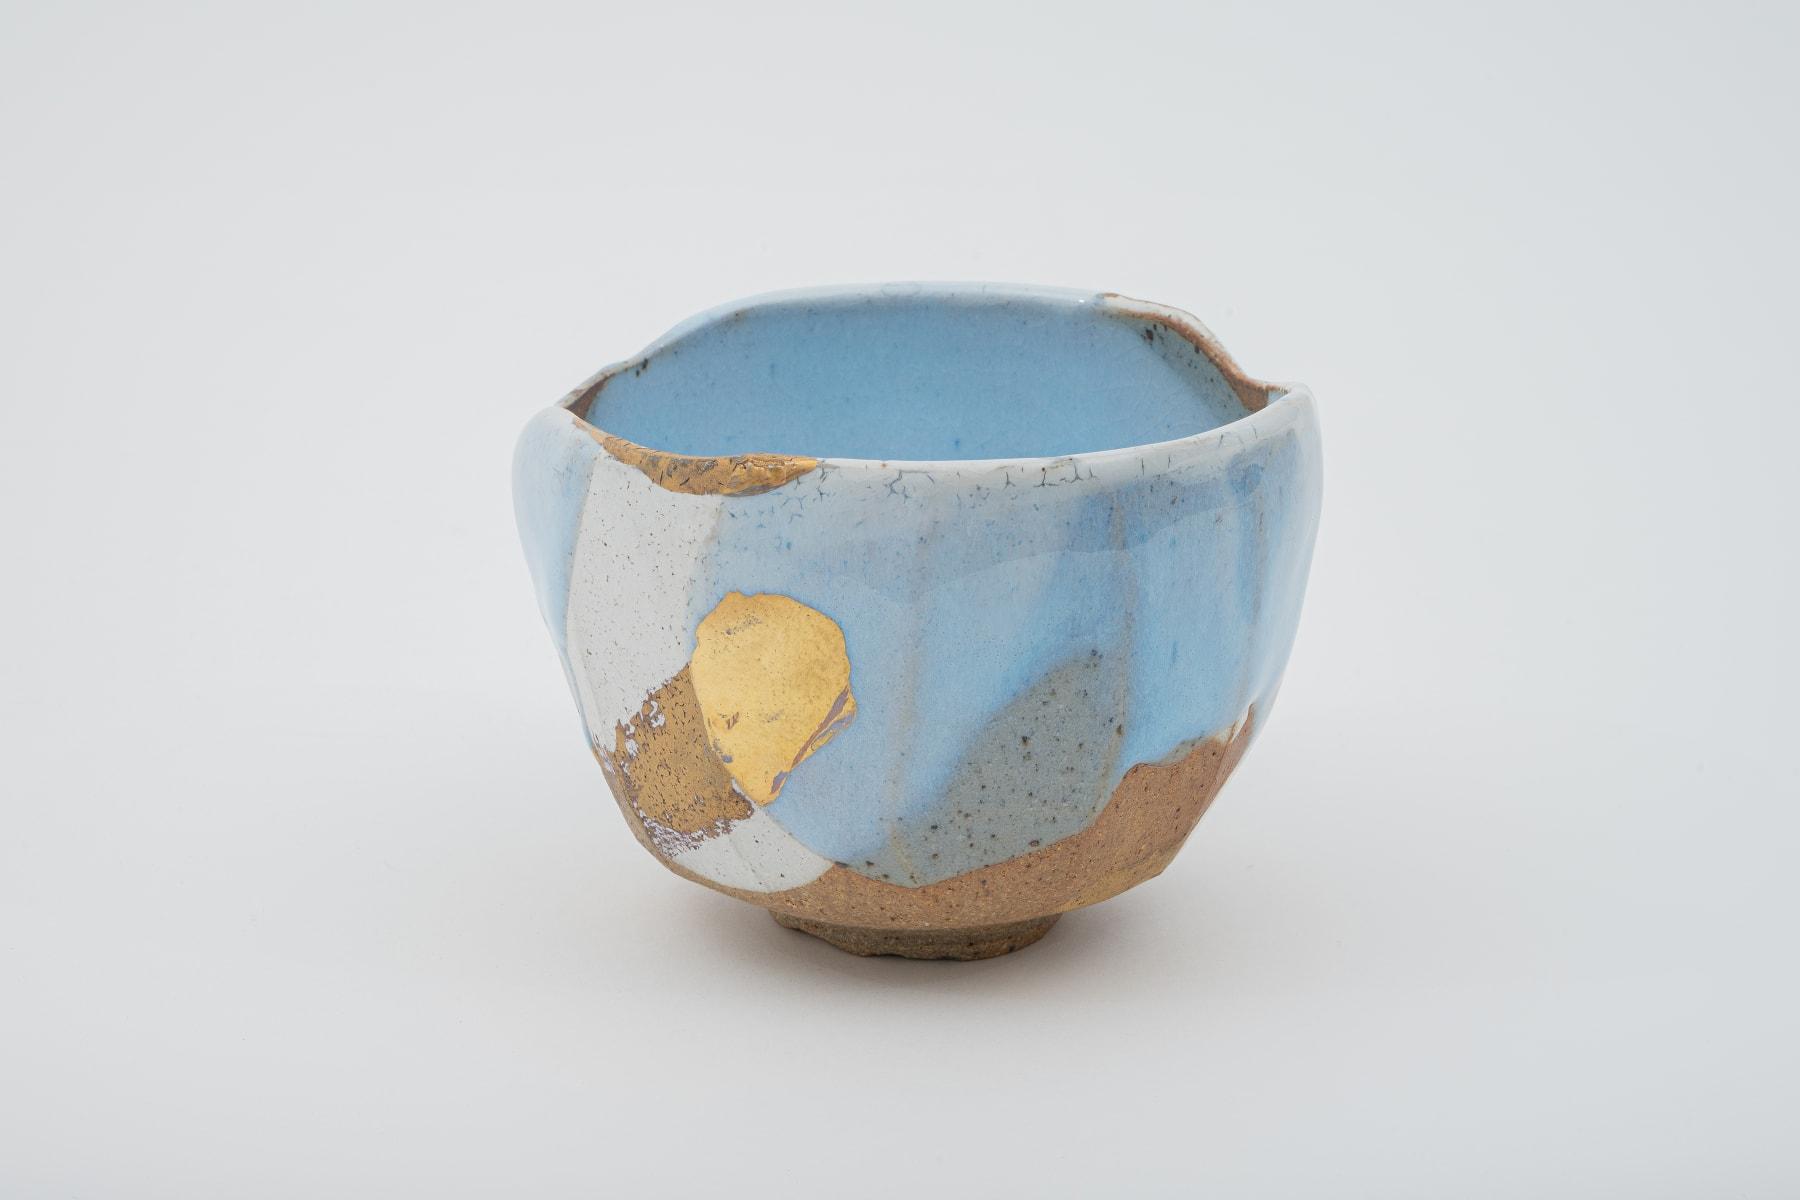 Hosai Matsubayashi XVI, Geppaku glaze with gold Chawan / 月白釉流シ金彩, 2020